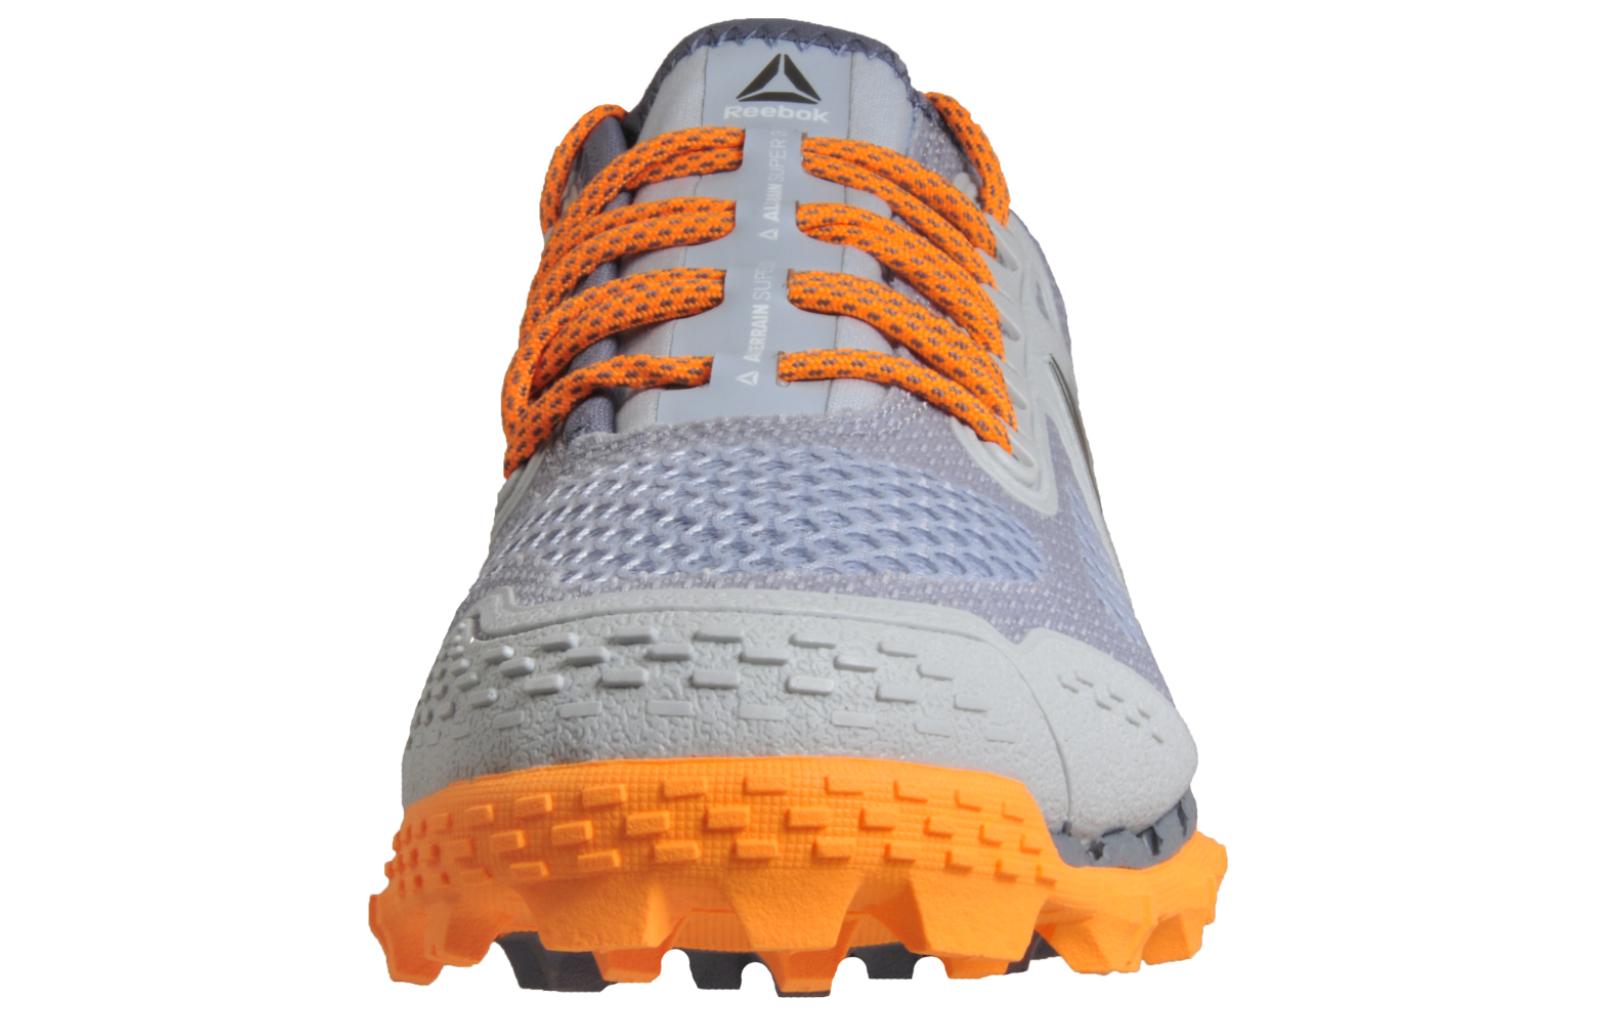 a6517b8e09840 Reebok Womens All Terrain Super 3.0 Trail Running Shoes Trainers ...